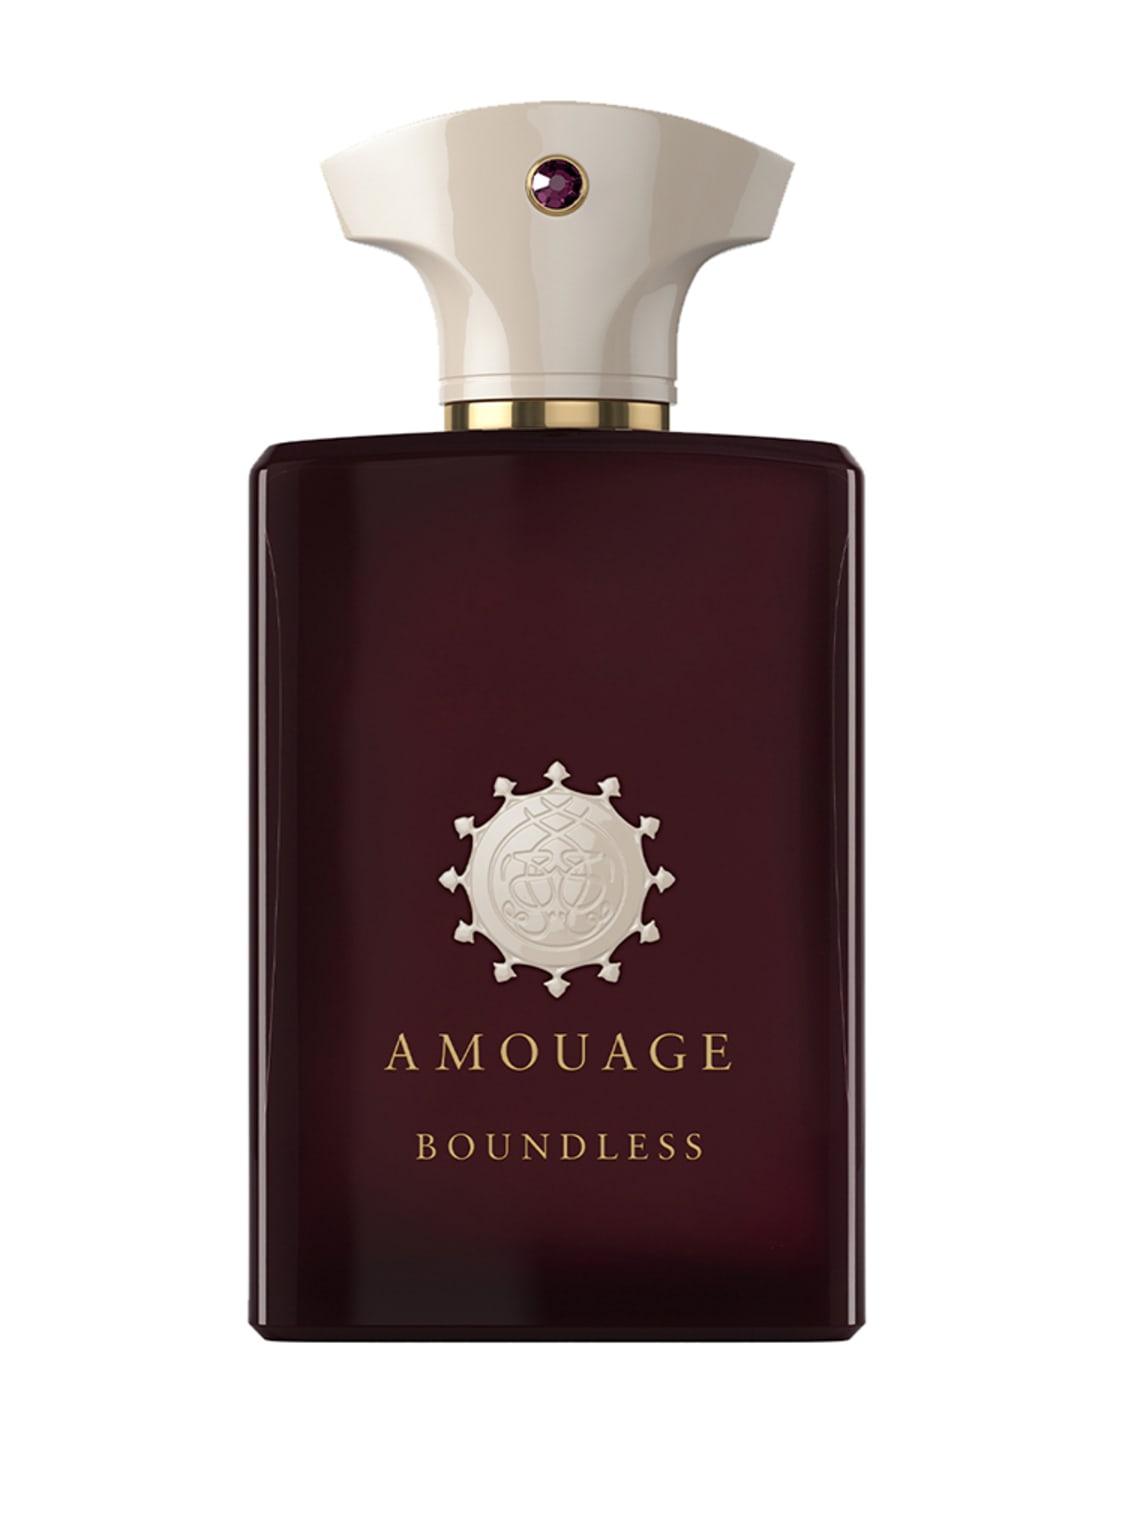 Image of Amouage Boundless Eau de Parfum 100 ml